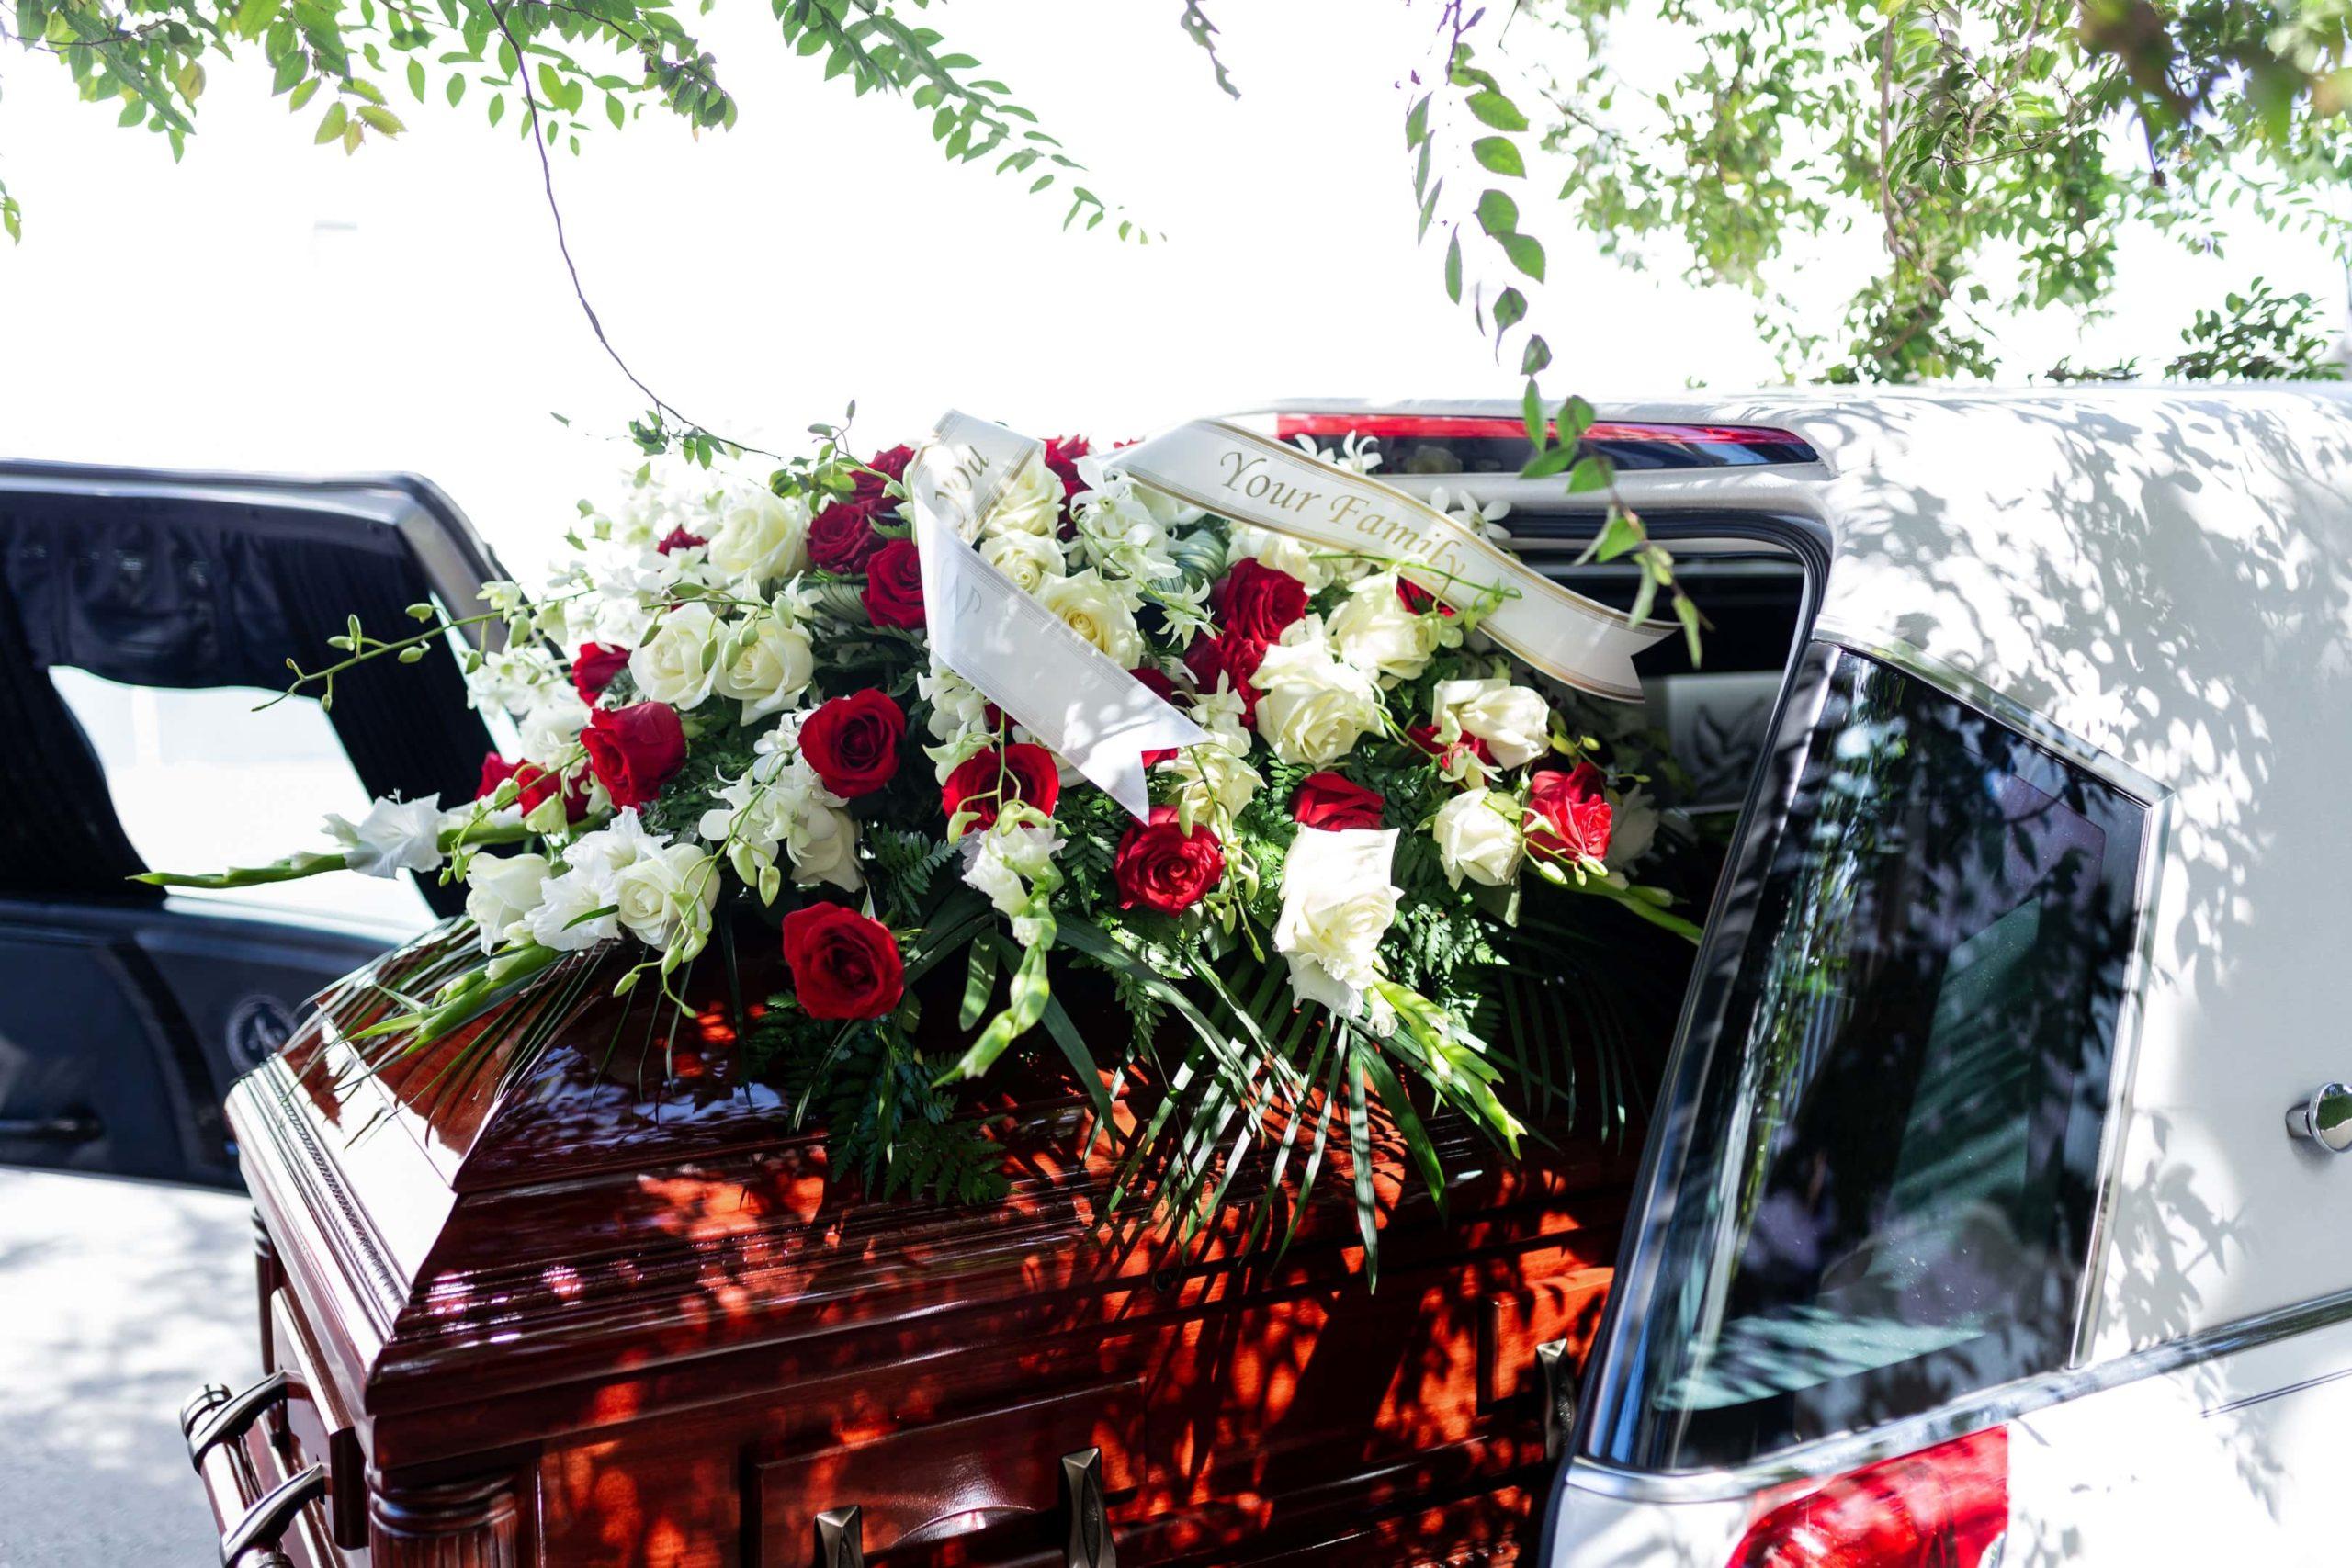 wiazanka natrumne scaled - Co napisać naszarfie pogrzebowej?